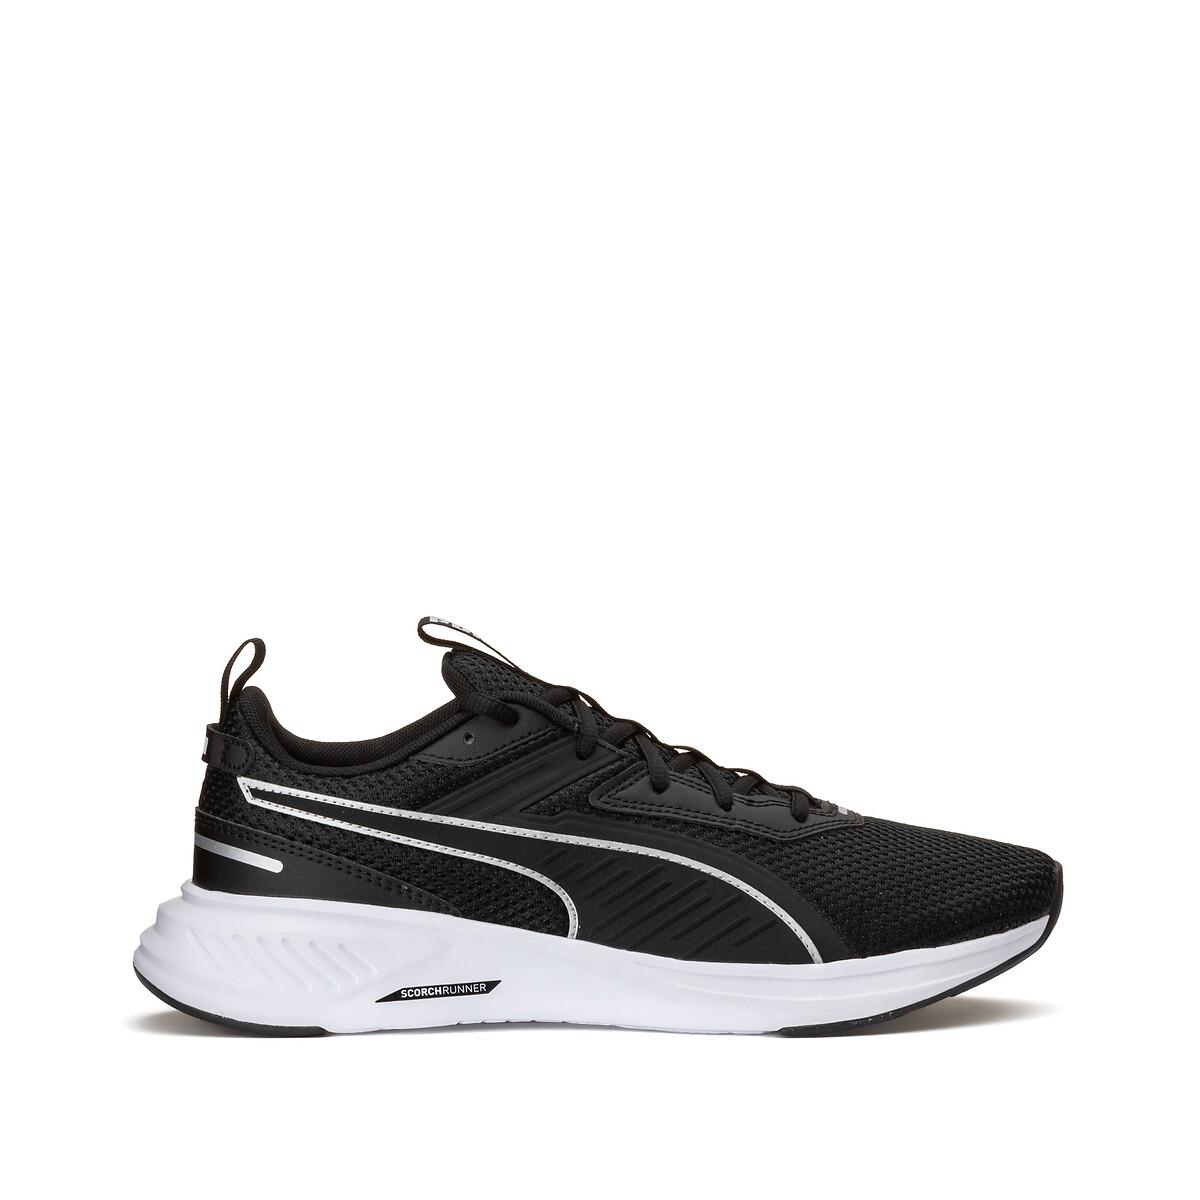 Puma scorch runner hardloopschoenen zwart/wit heren online kopen